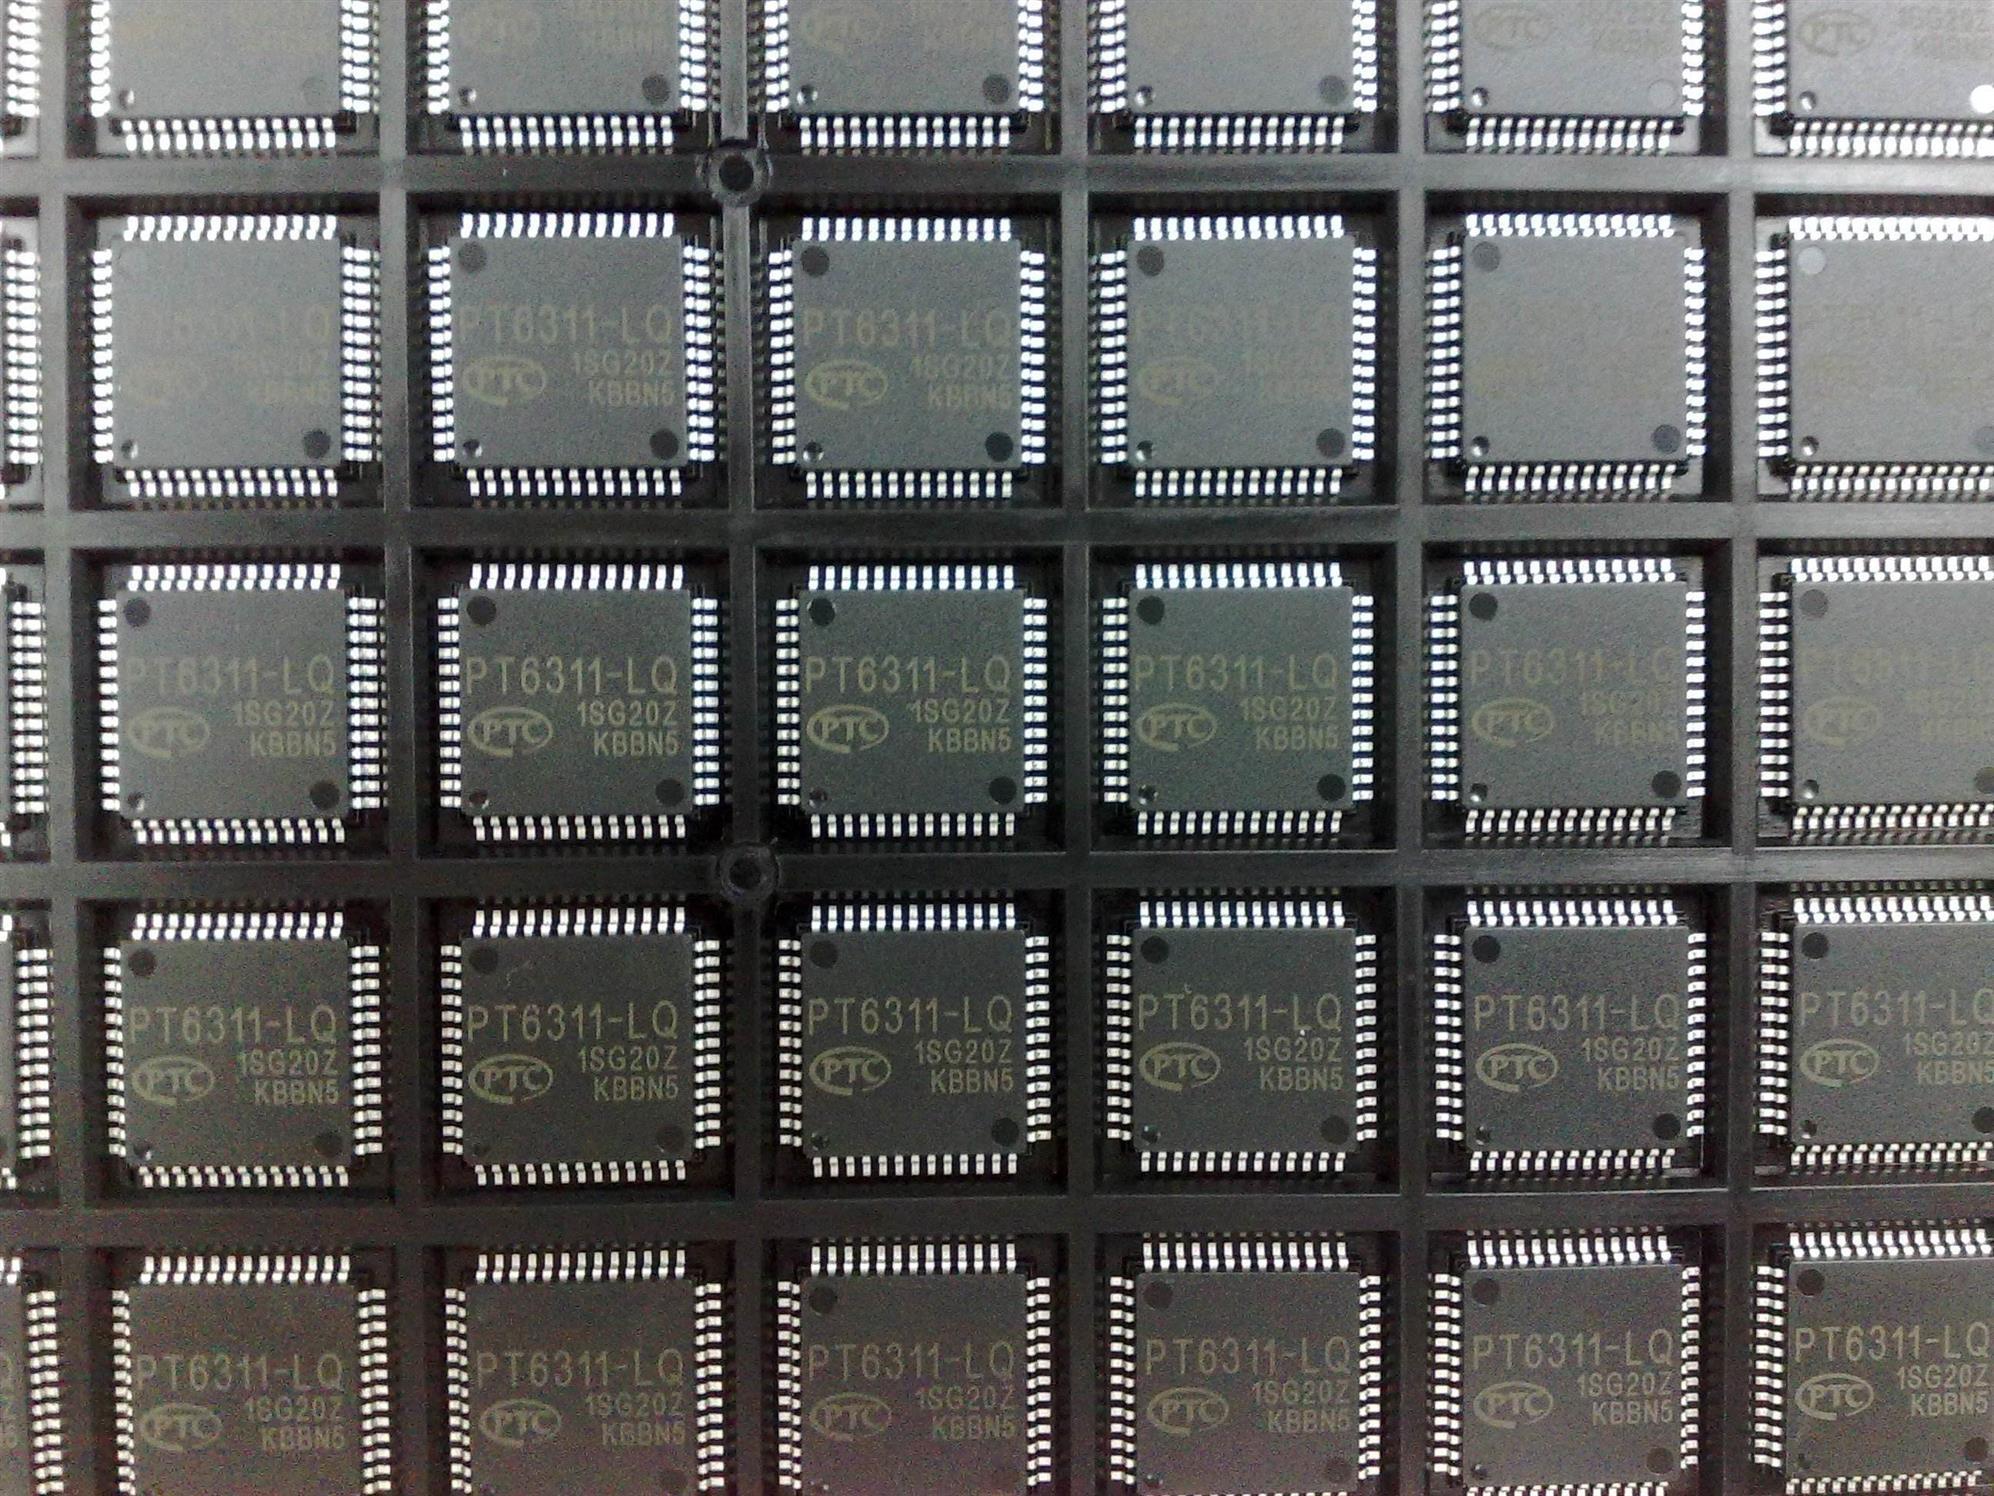 深圳市罗湖区专业废电子元件回收 电子料回收 随叫随到上门回收